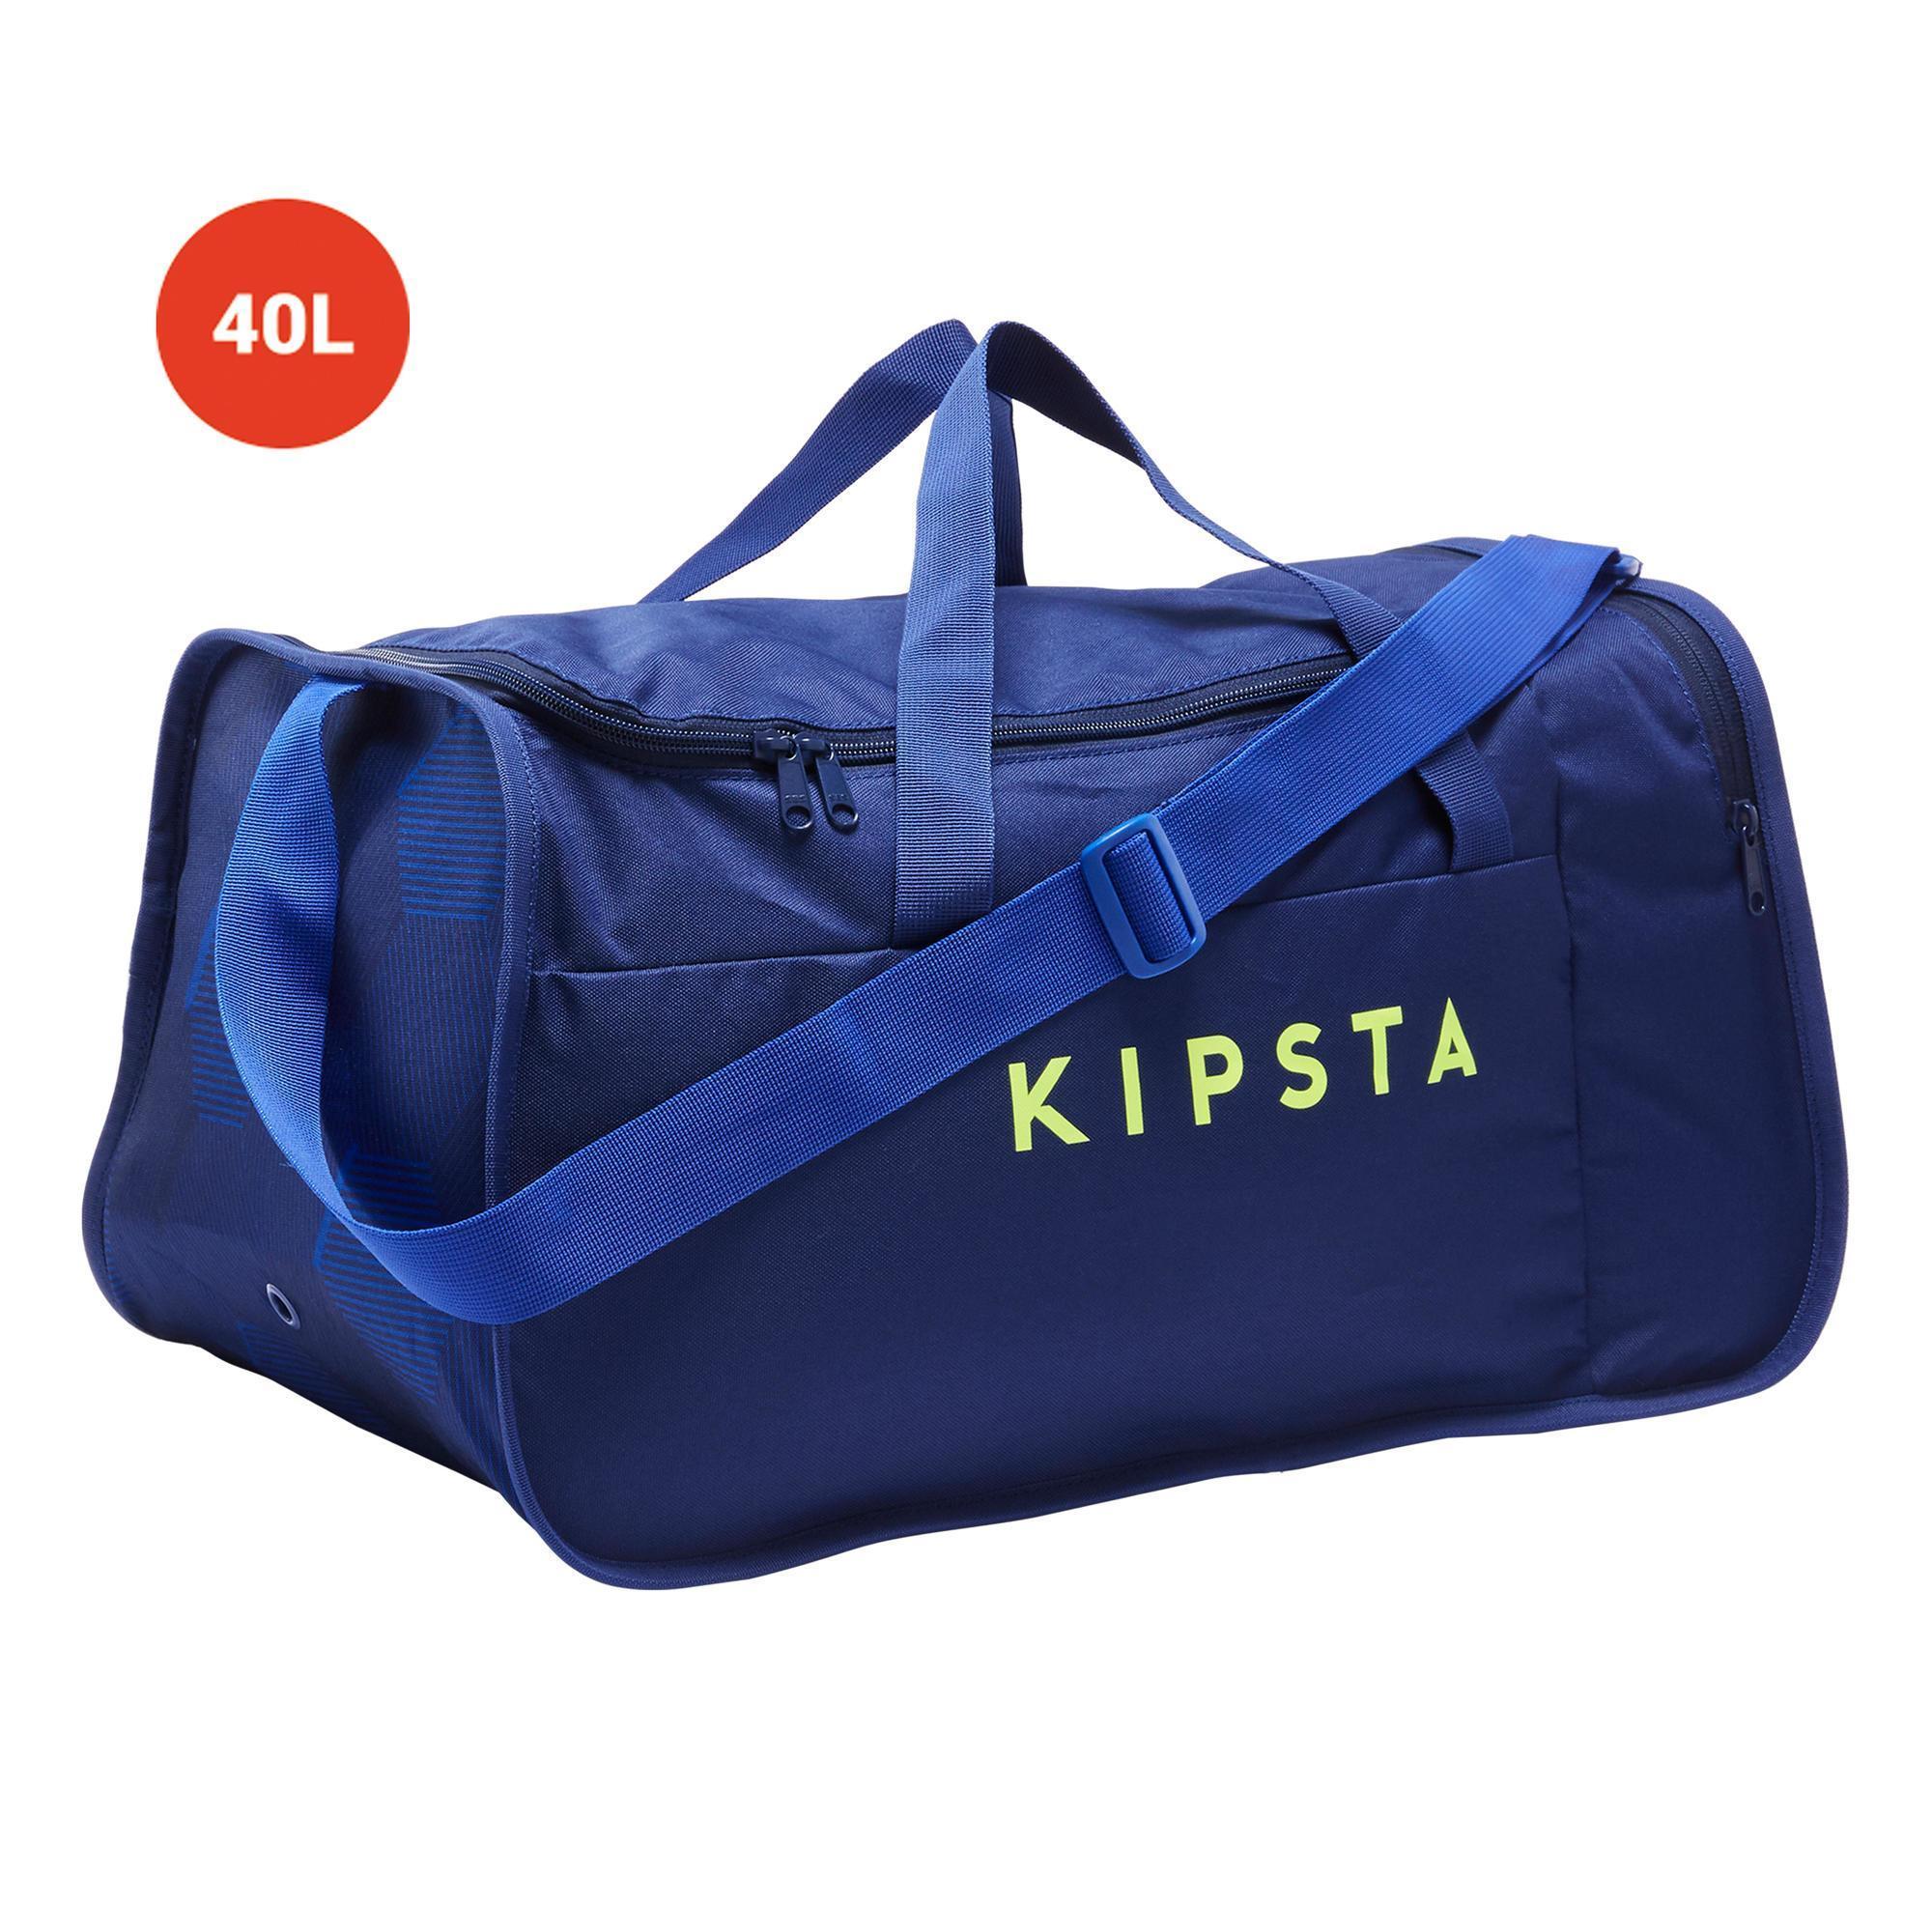 Sporttasche Kipocket 40 Liter blau/gelb